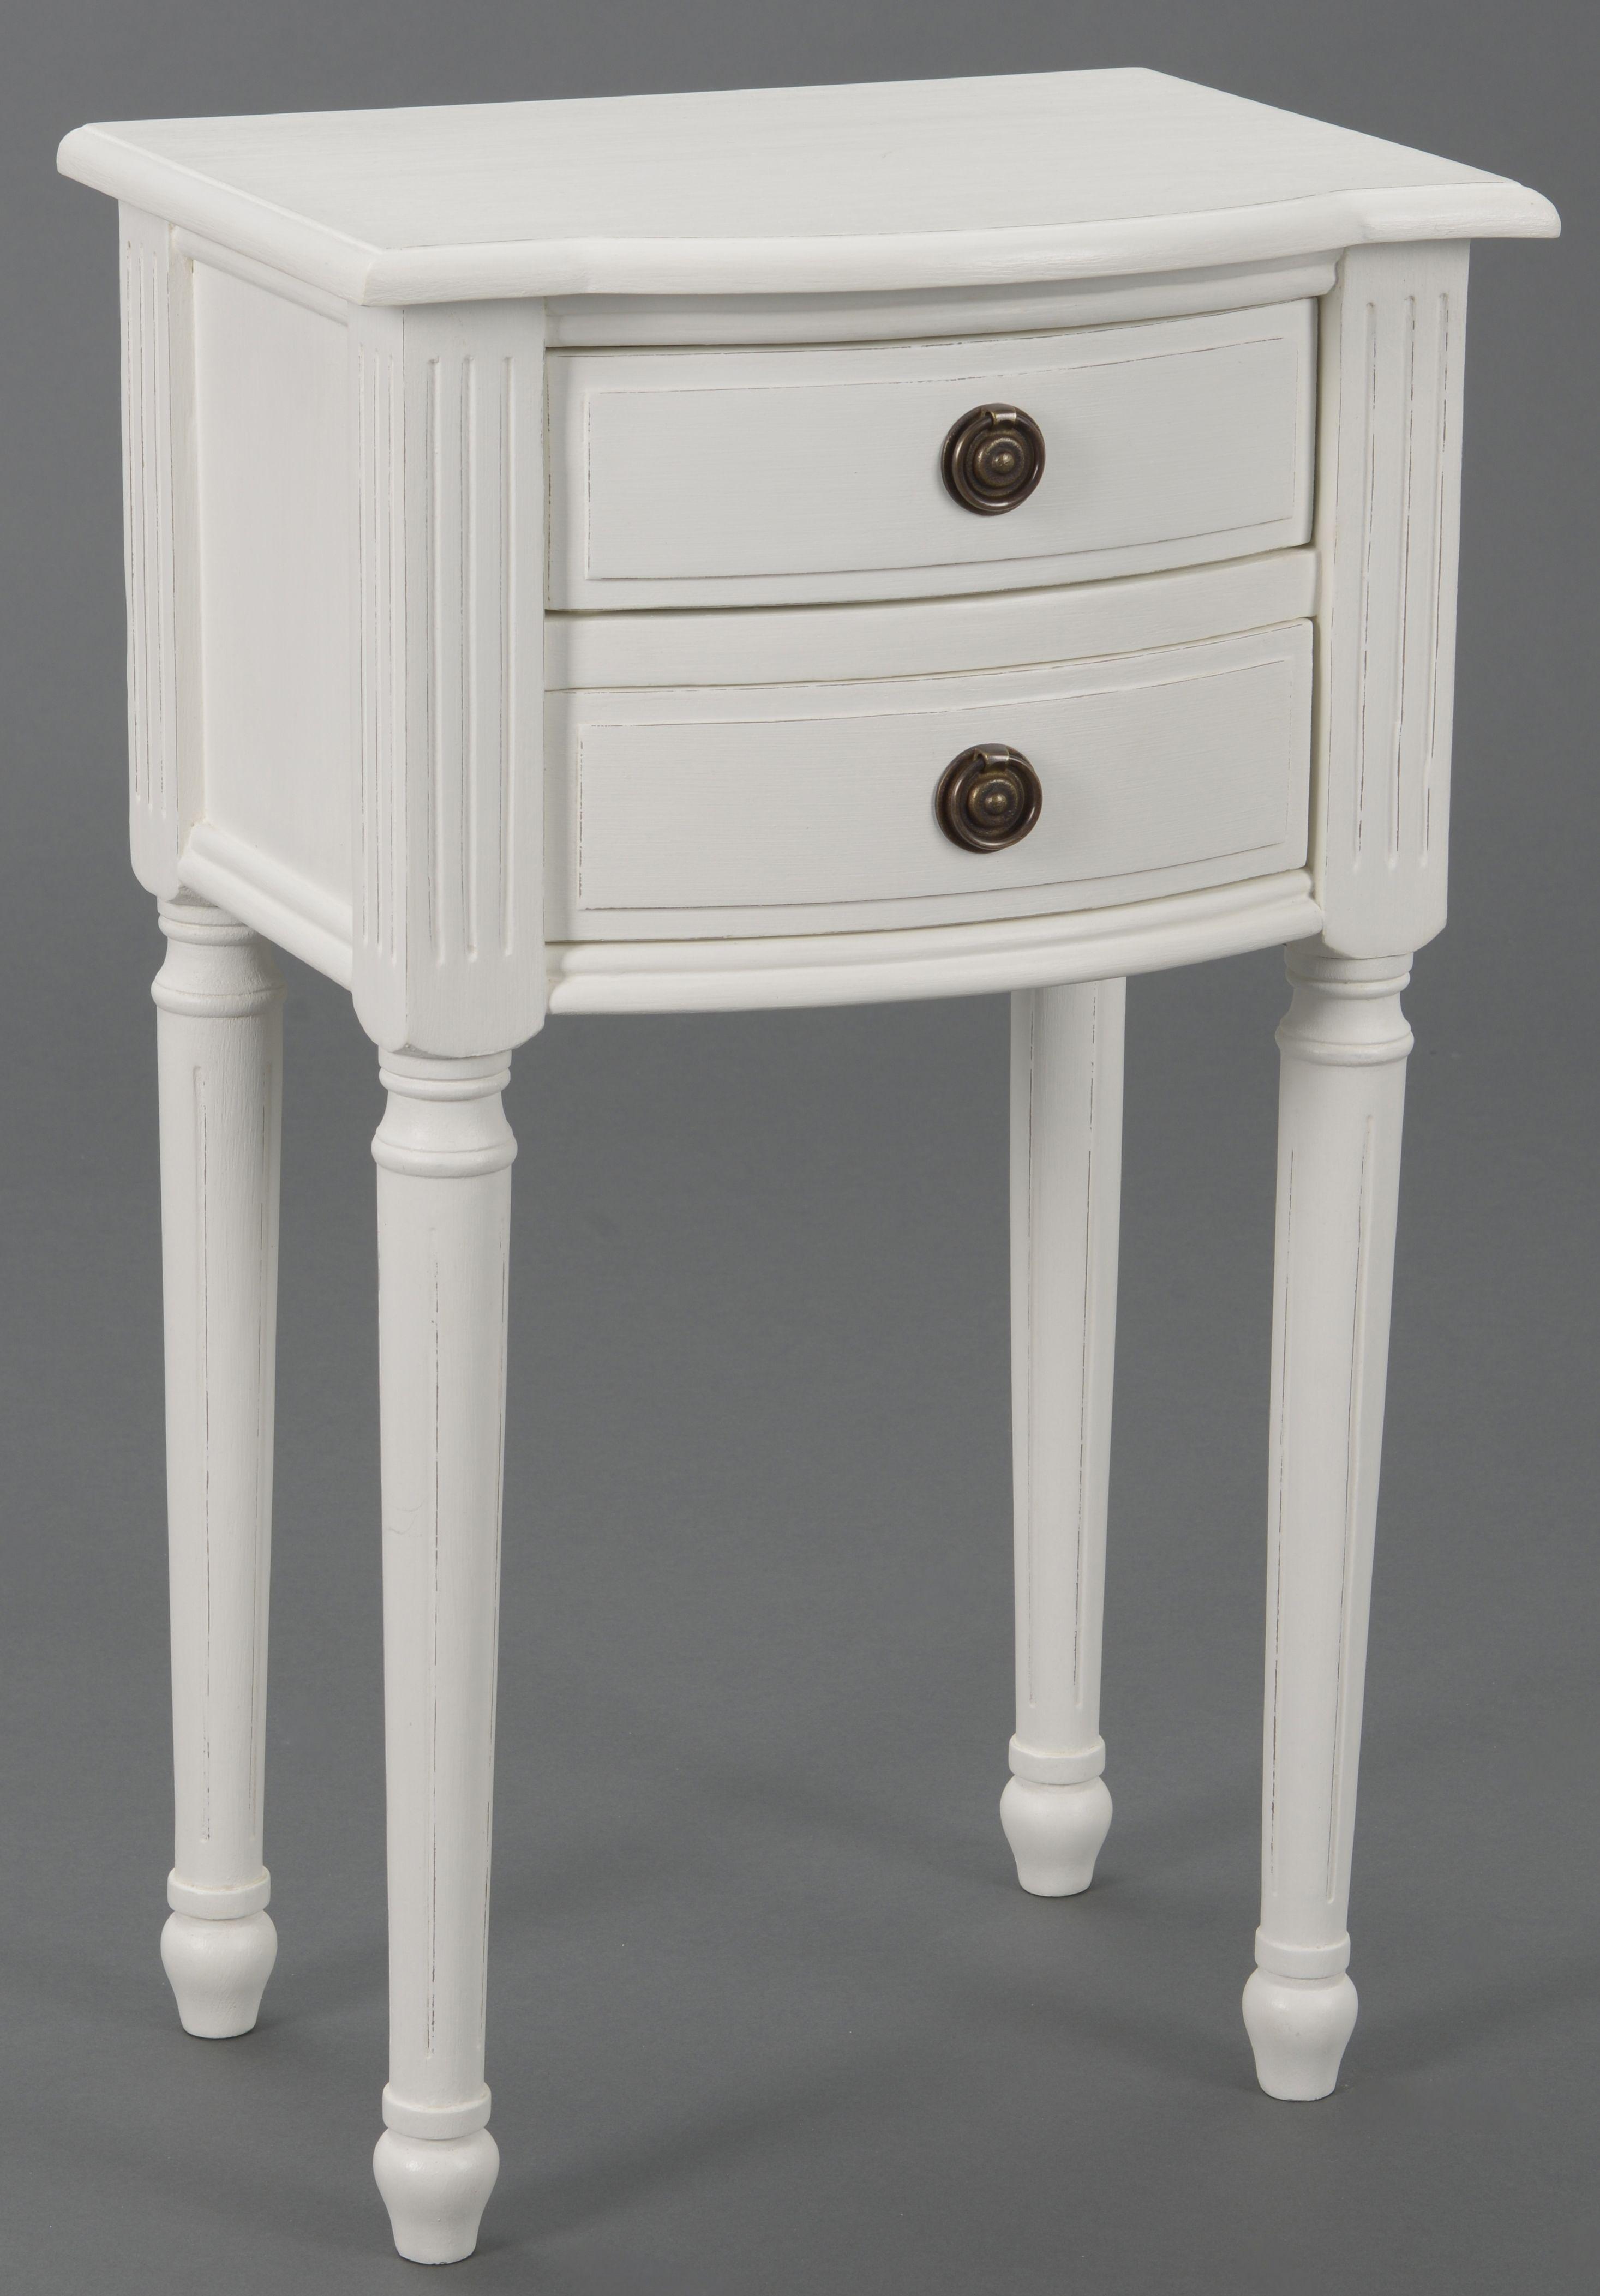 Commode Petite Profondeur 30 Cm table de chevet classique chic 2 tiroirs agathe l 40 x p 30